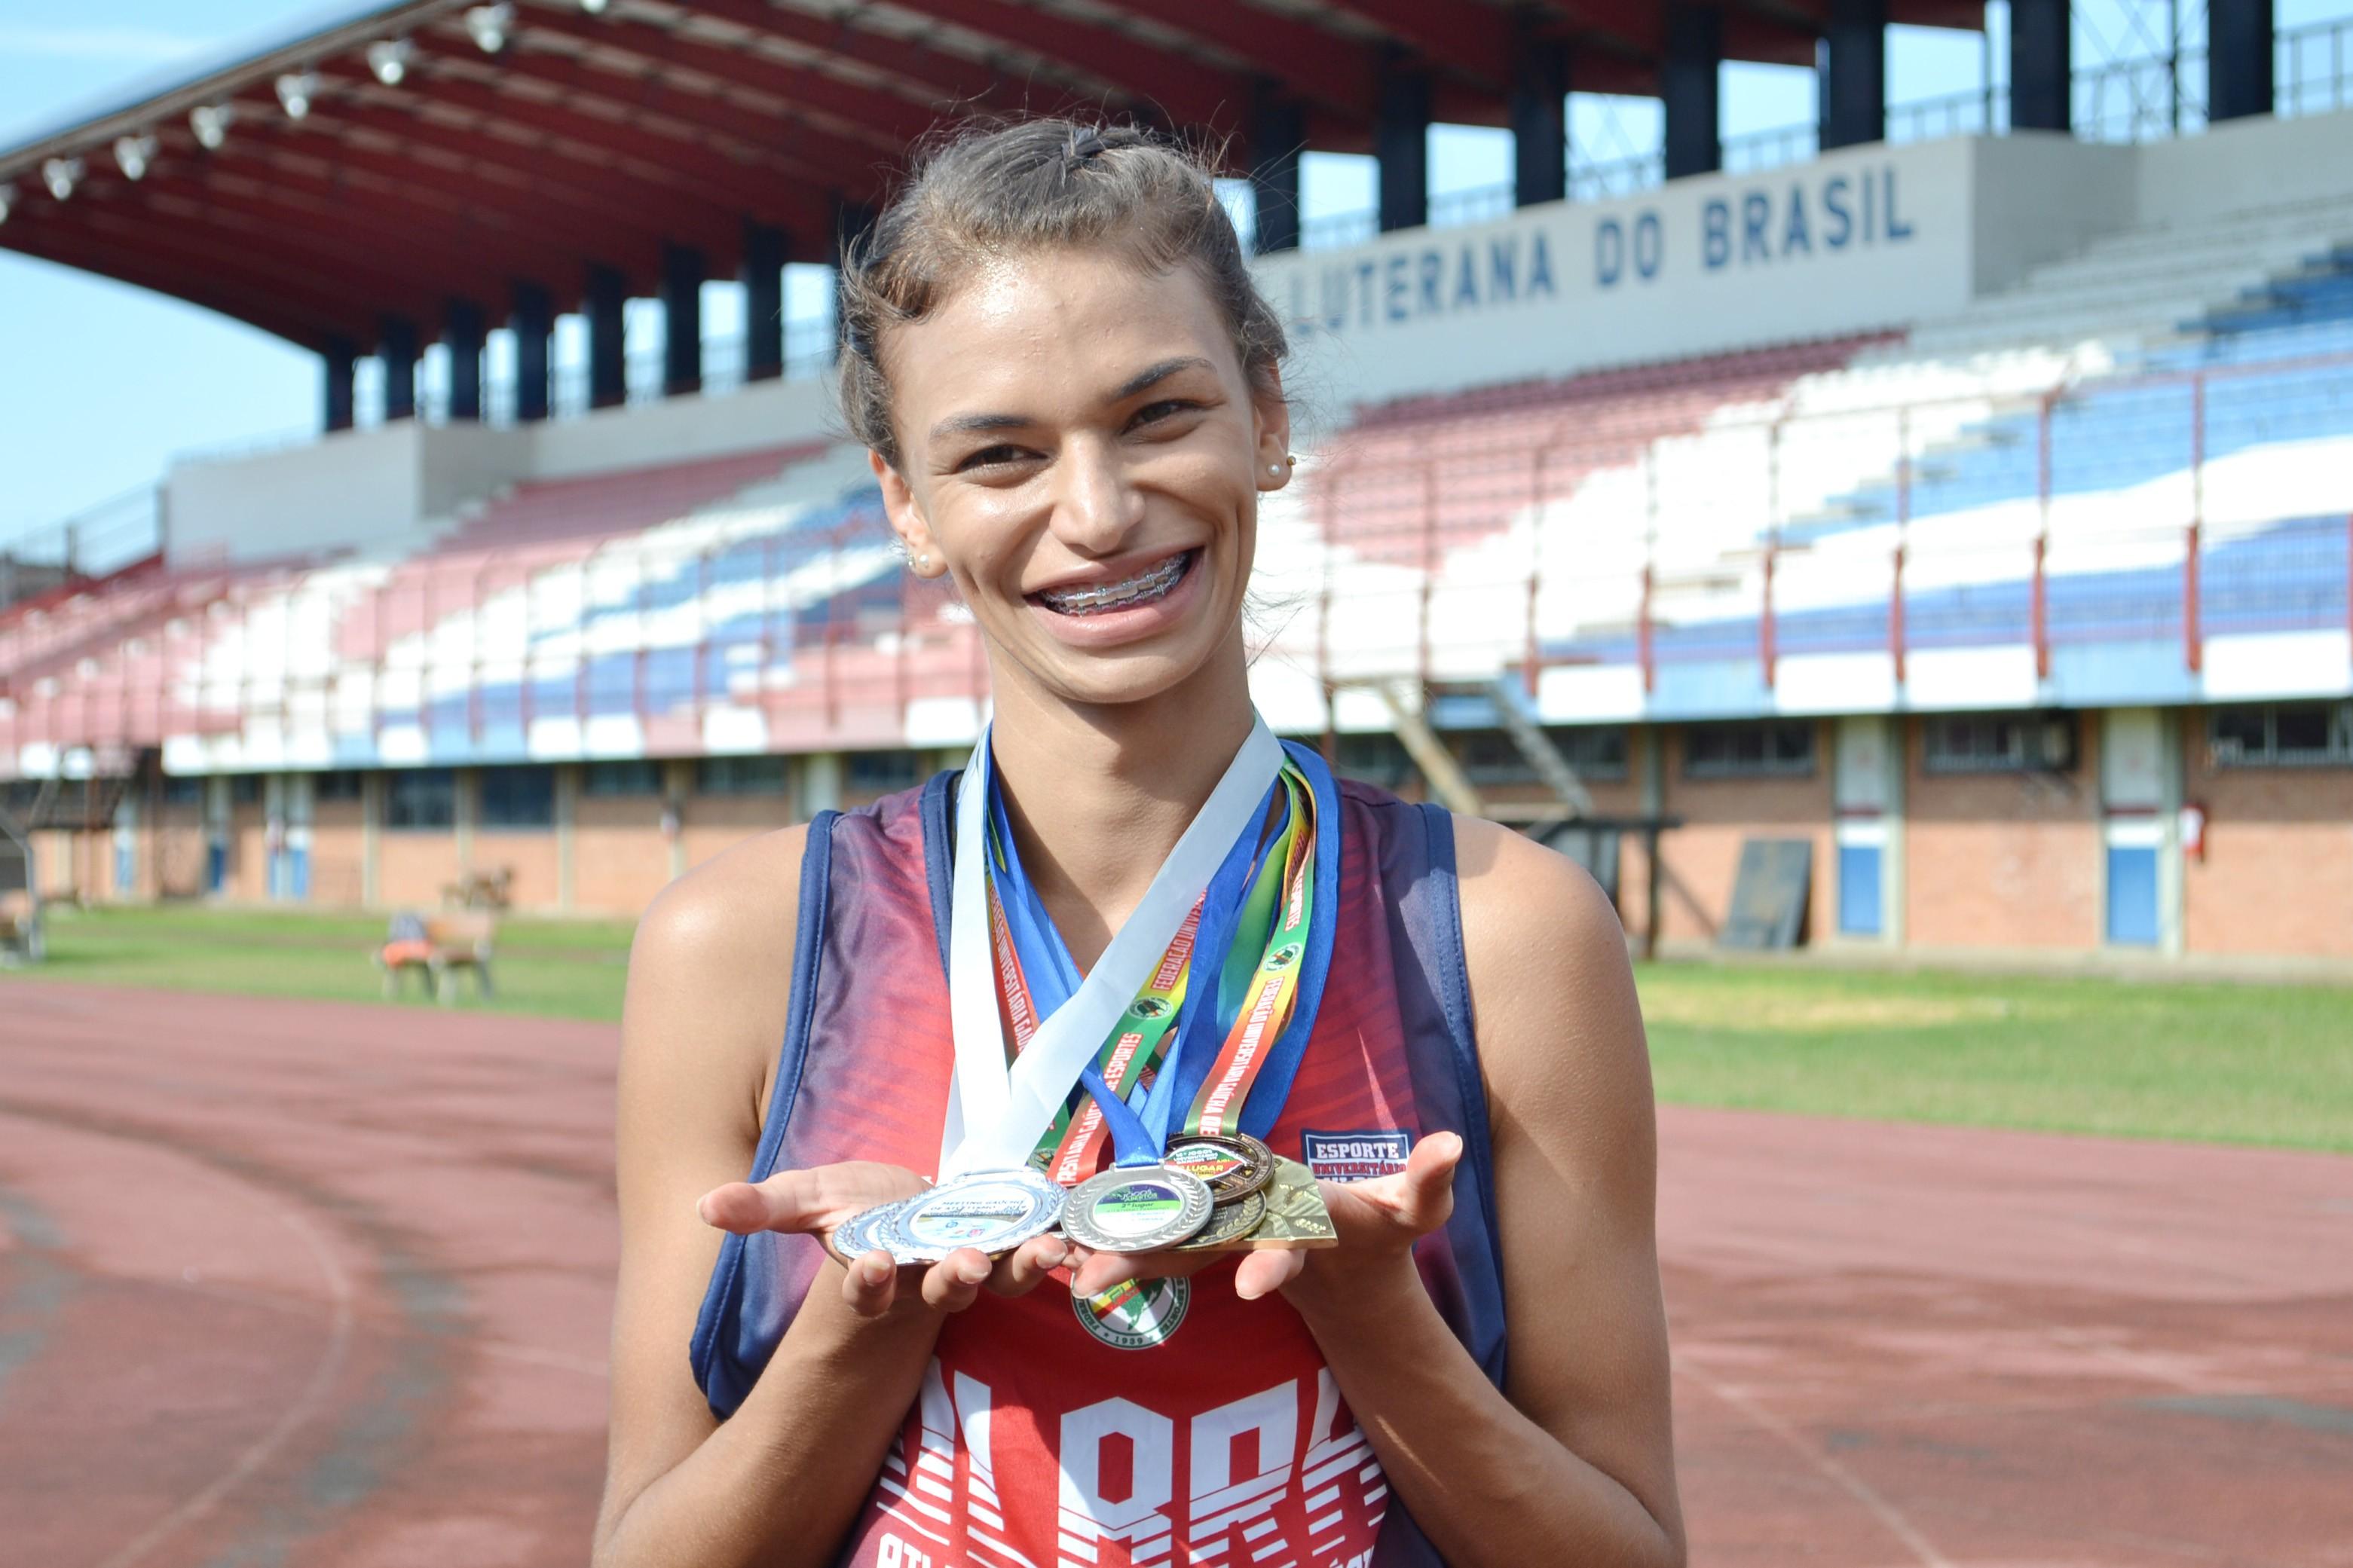 Jovem de Campo Bom é a única representante gaúcha no Mundial de Atletismo de Surdos na Polônia